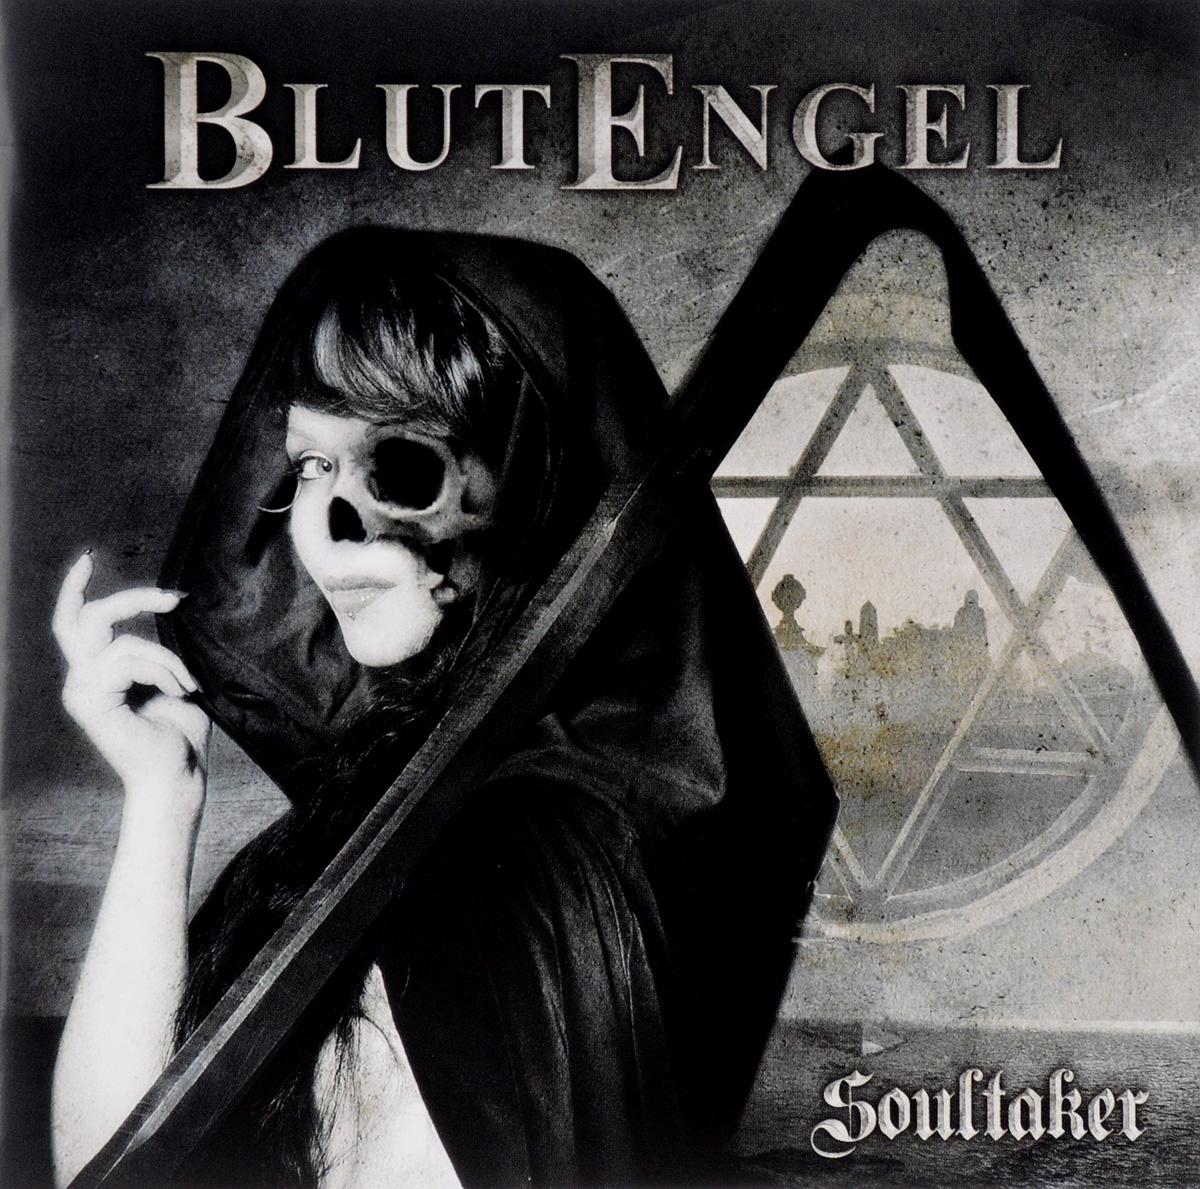 Blutengel. Soultaker